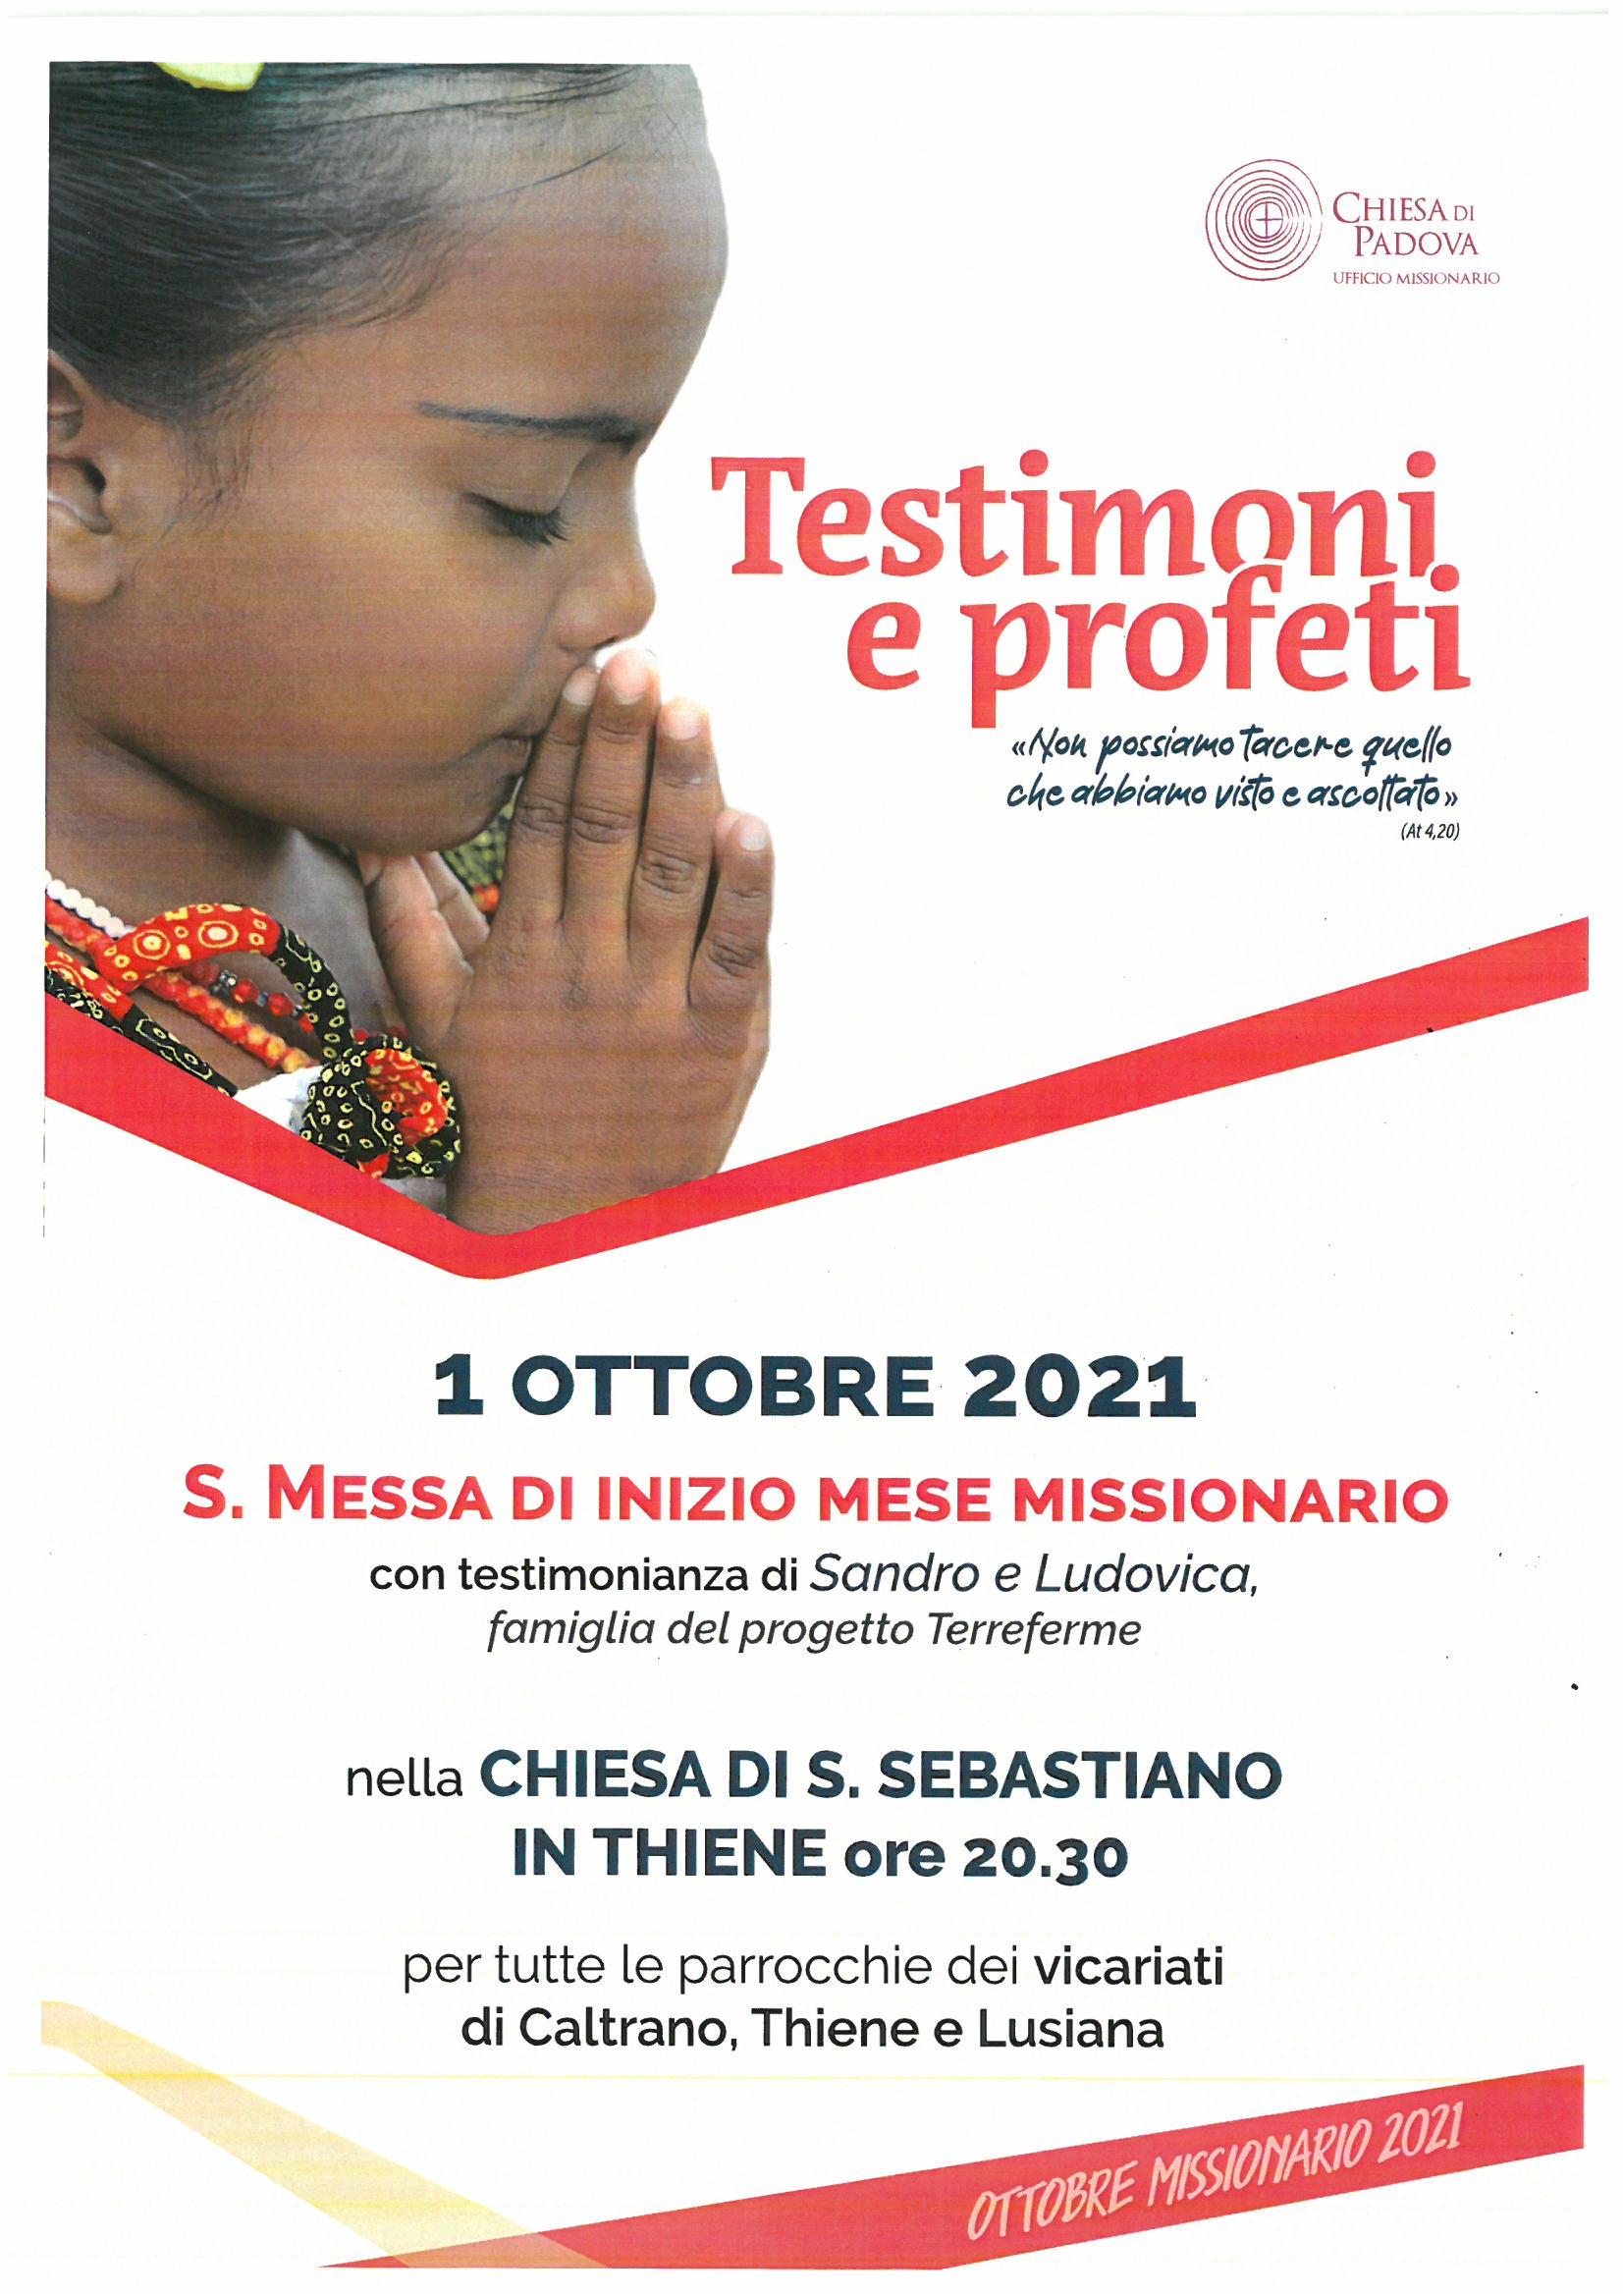 Ottobre missionario 2021